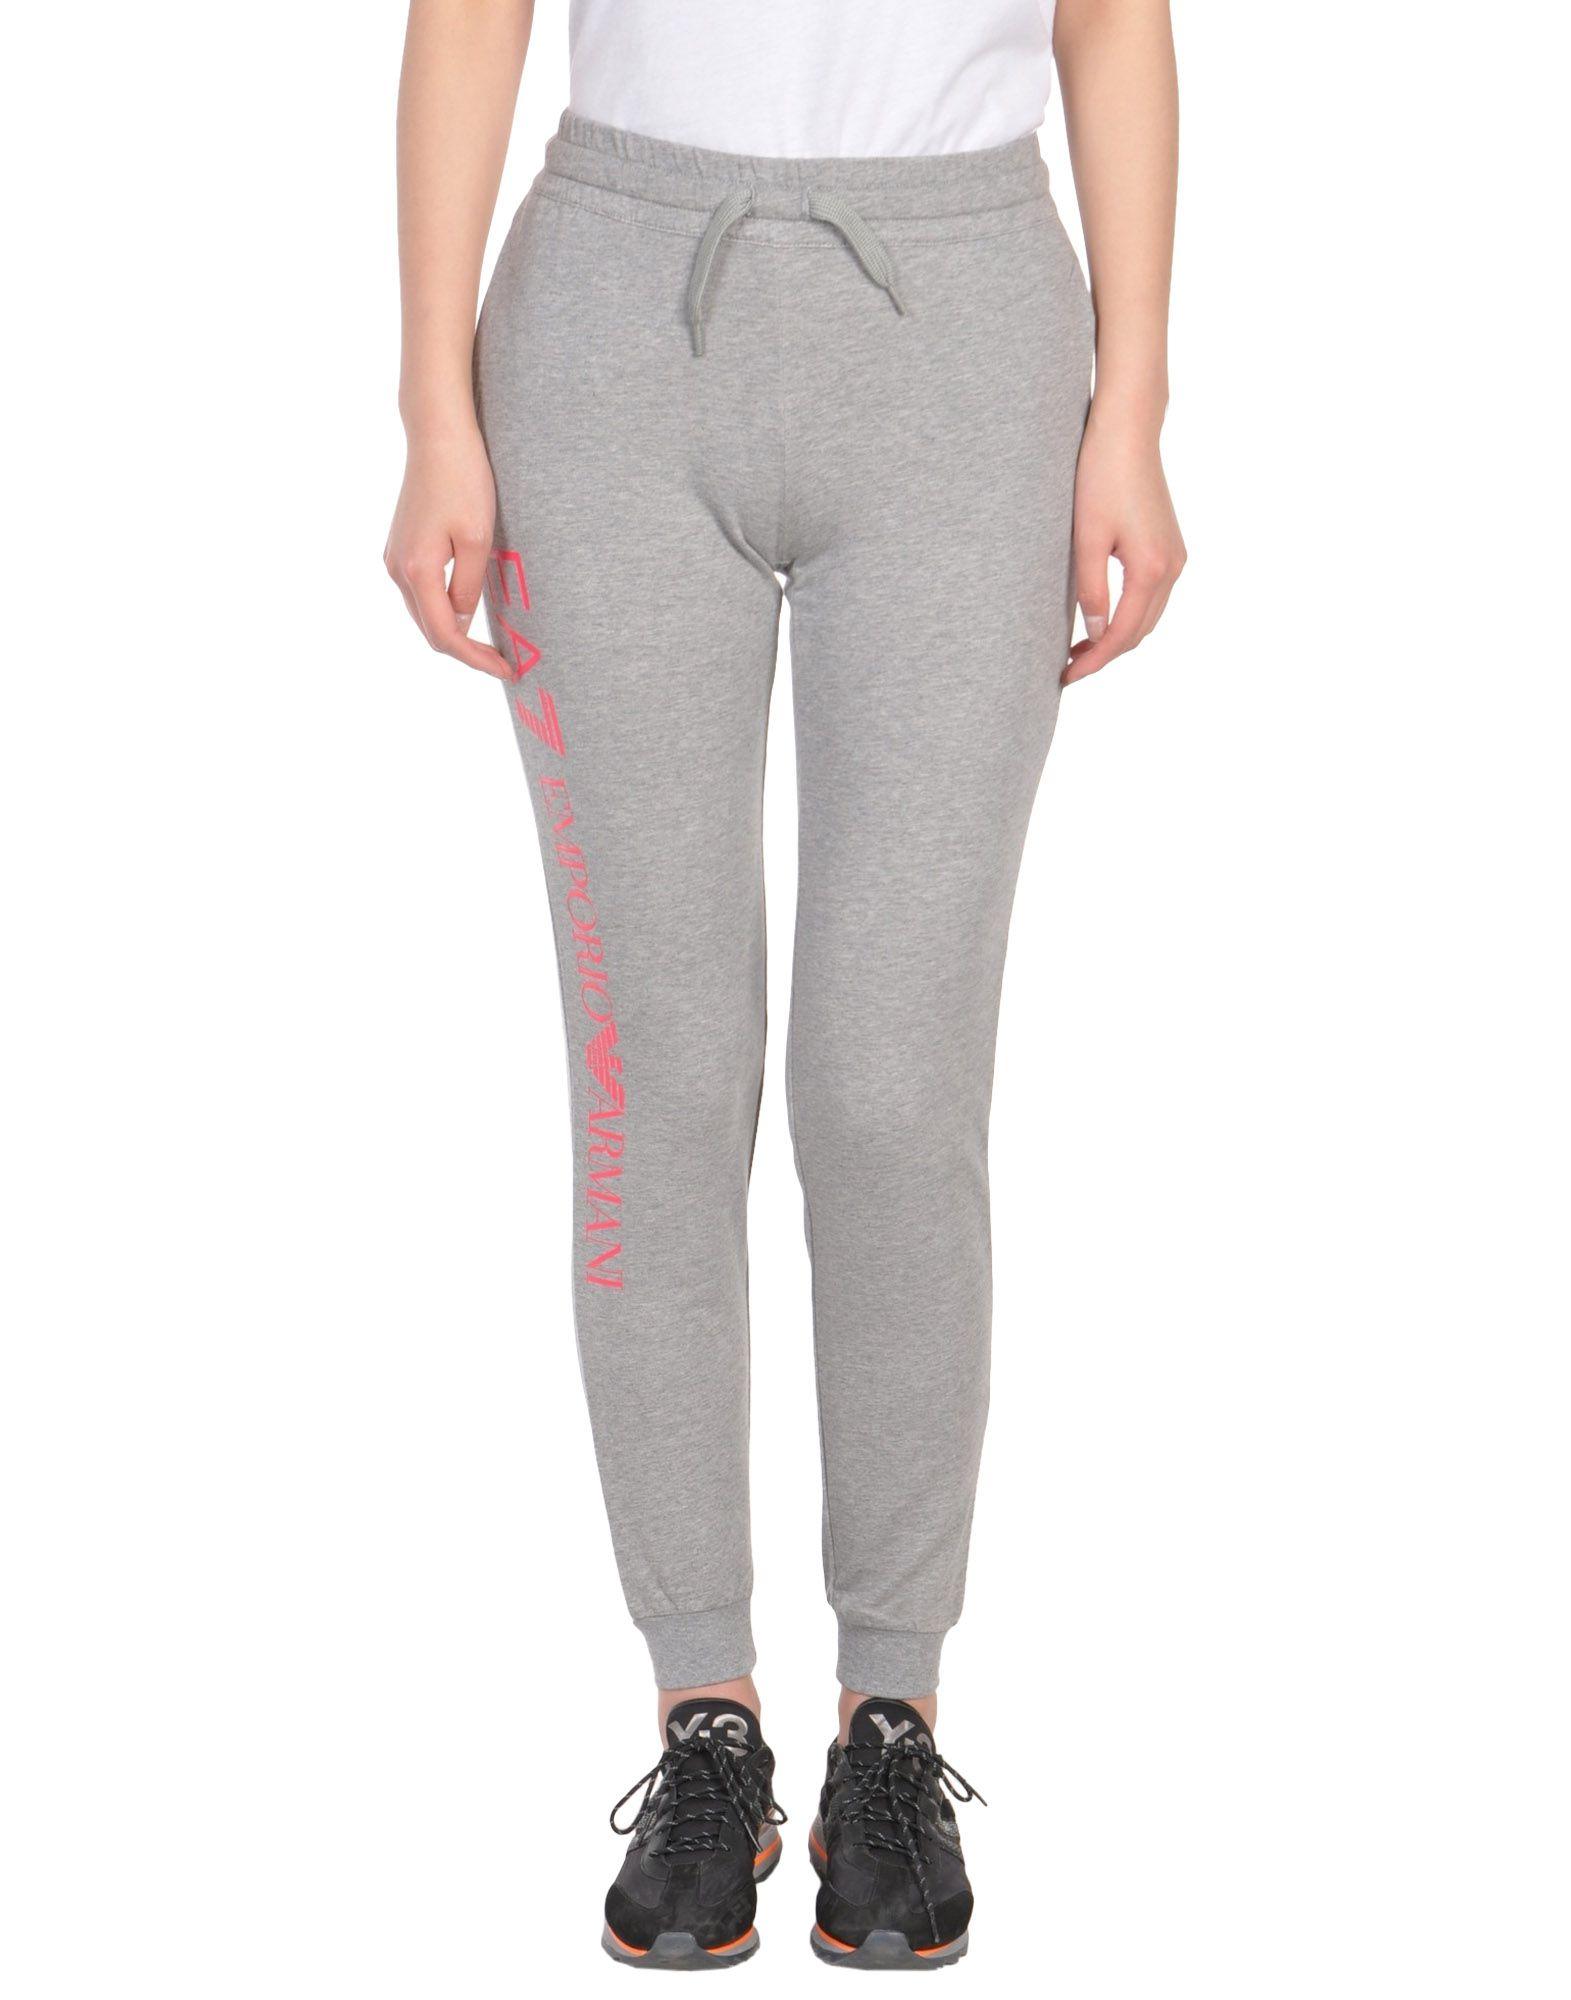 Pantalone Ea7 damen - 13150367PW